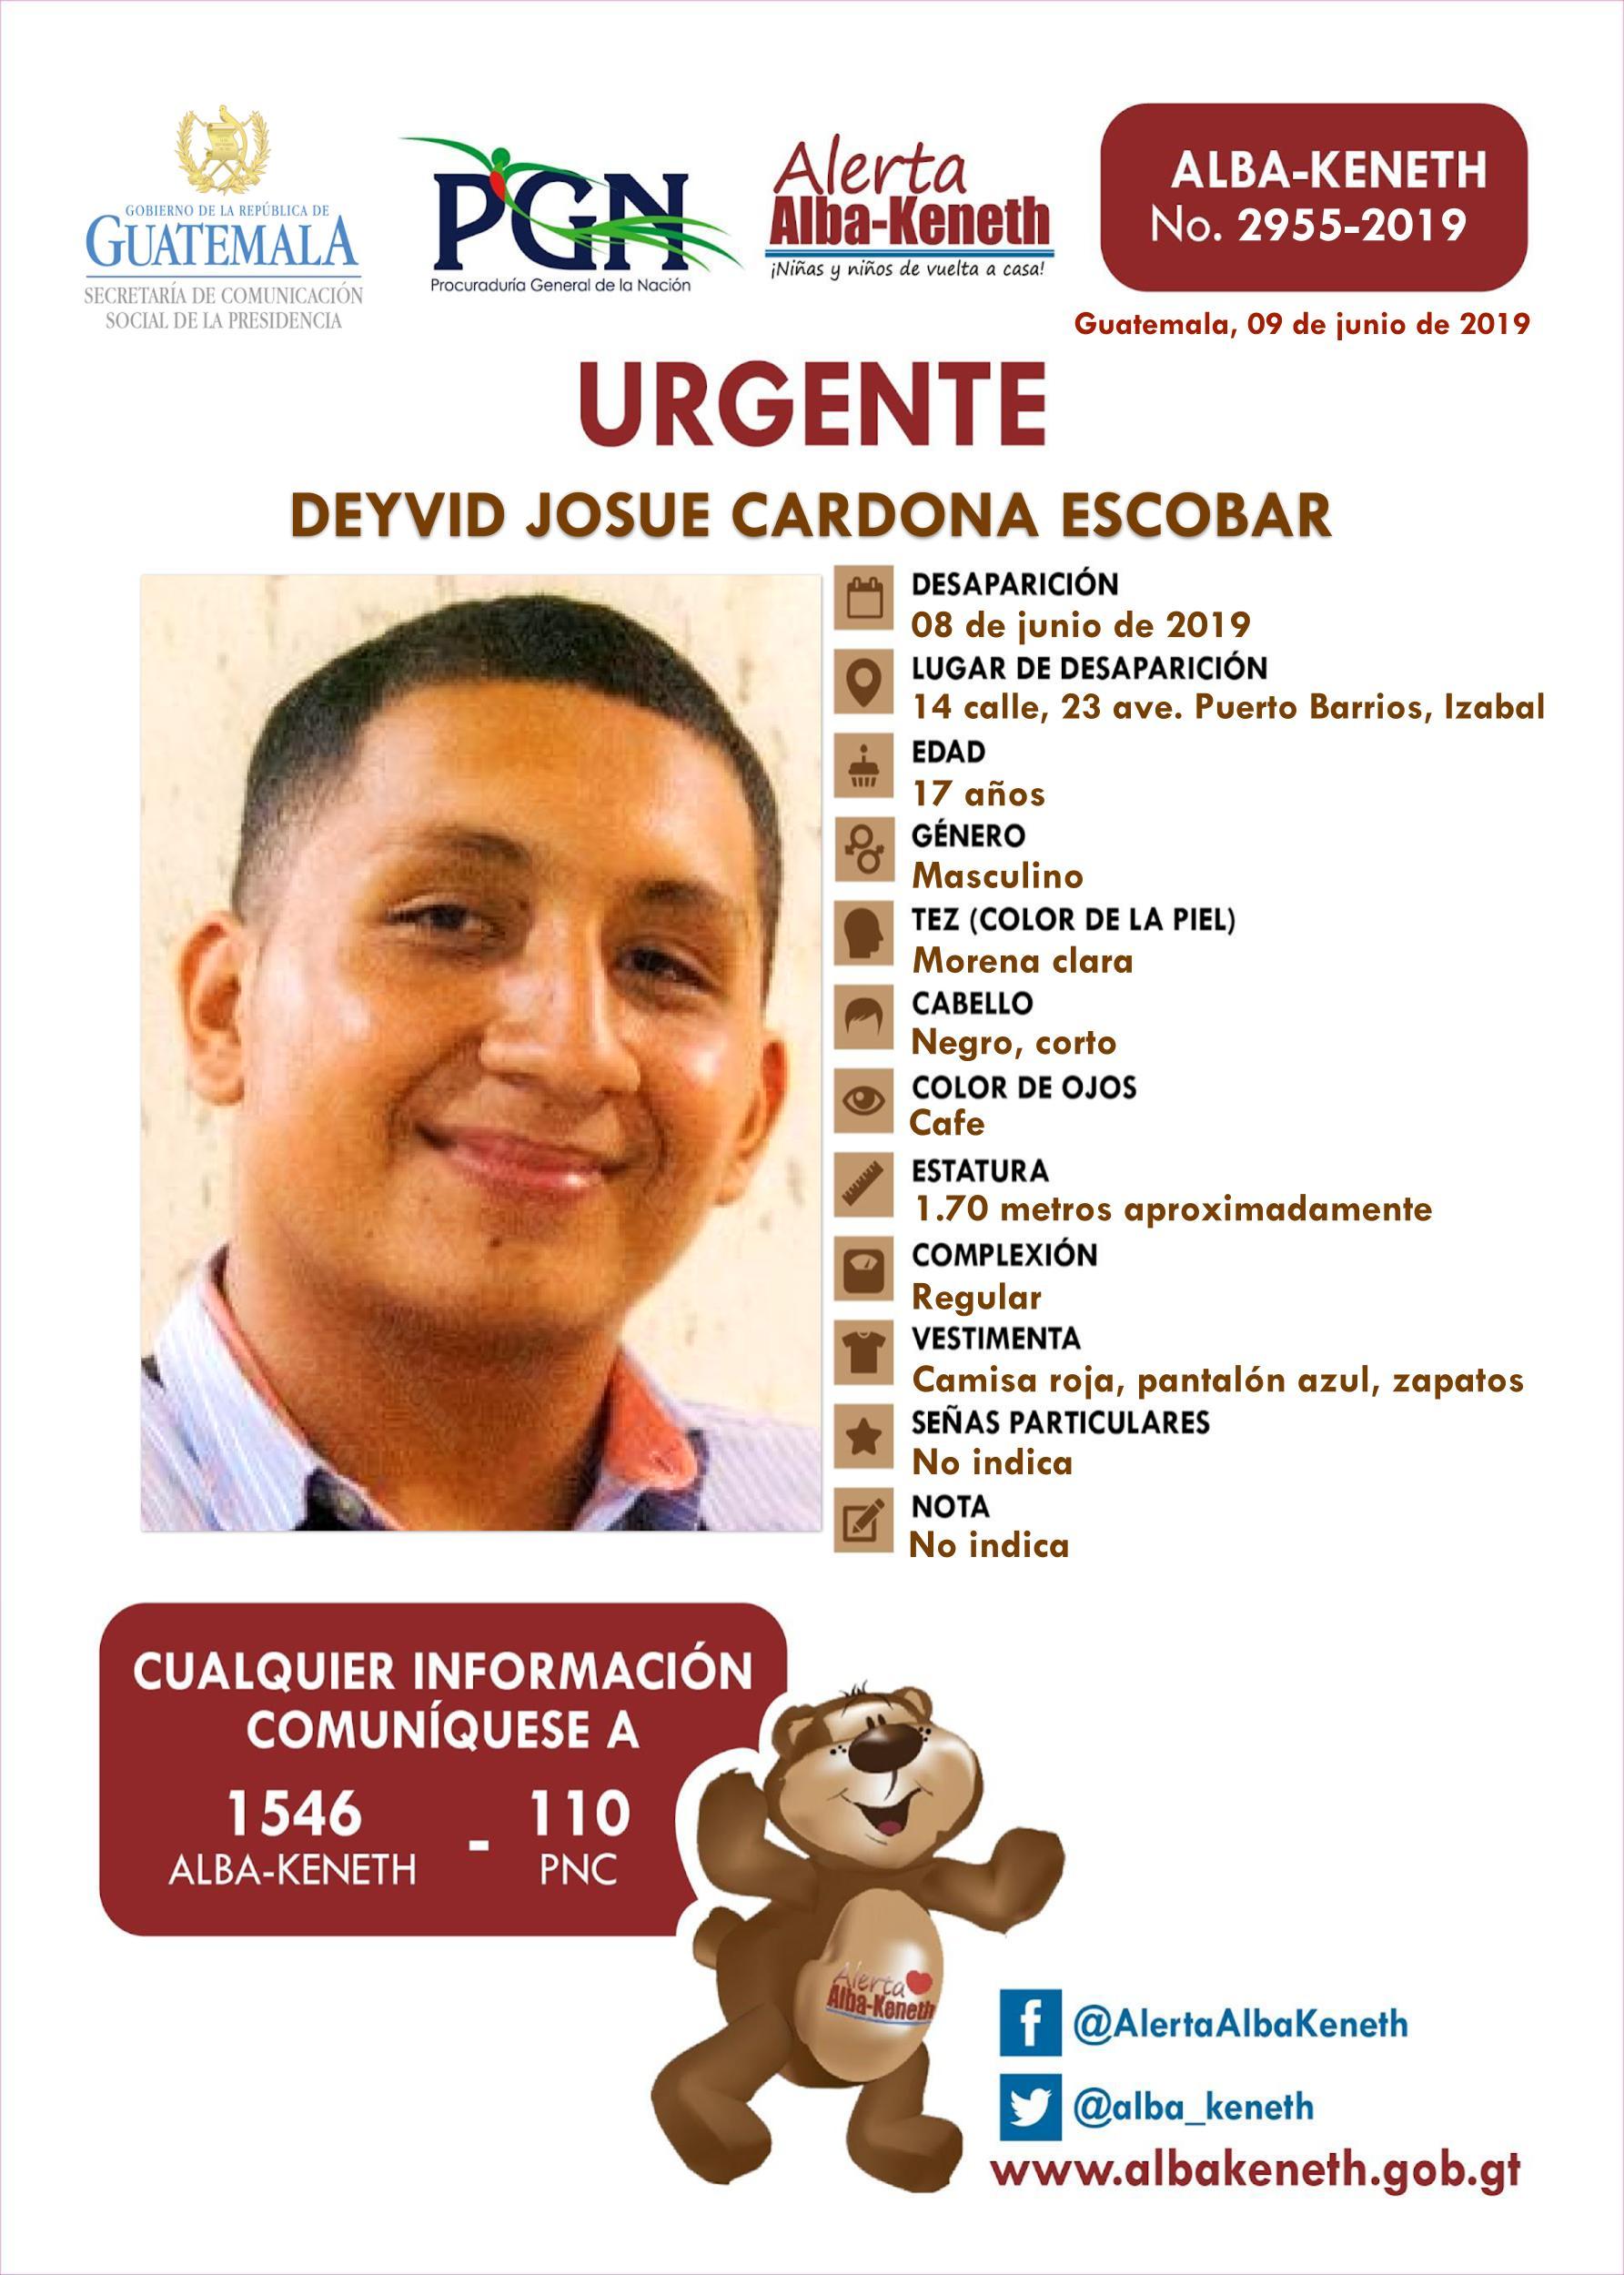 Deyvid Josue Cardona Escobar